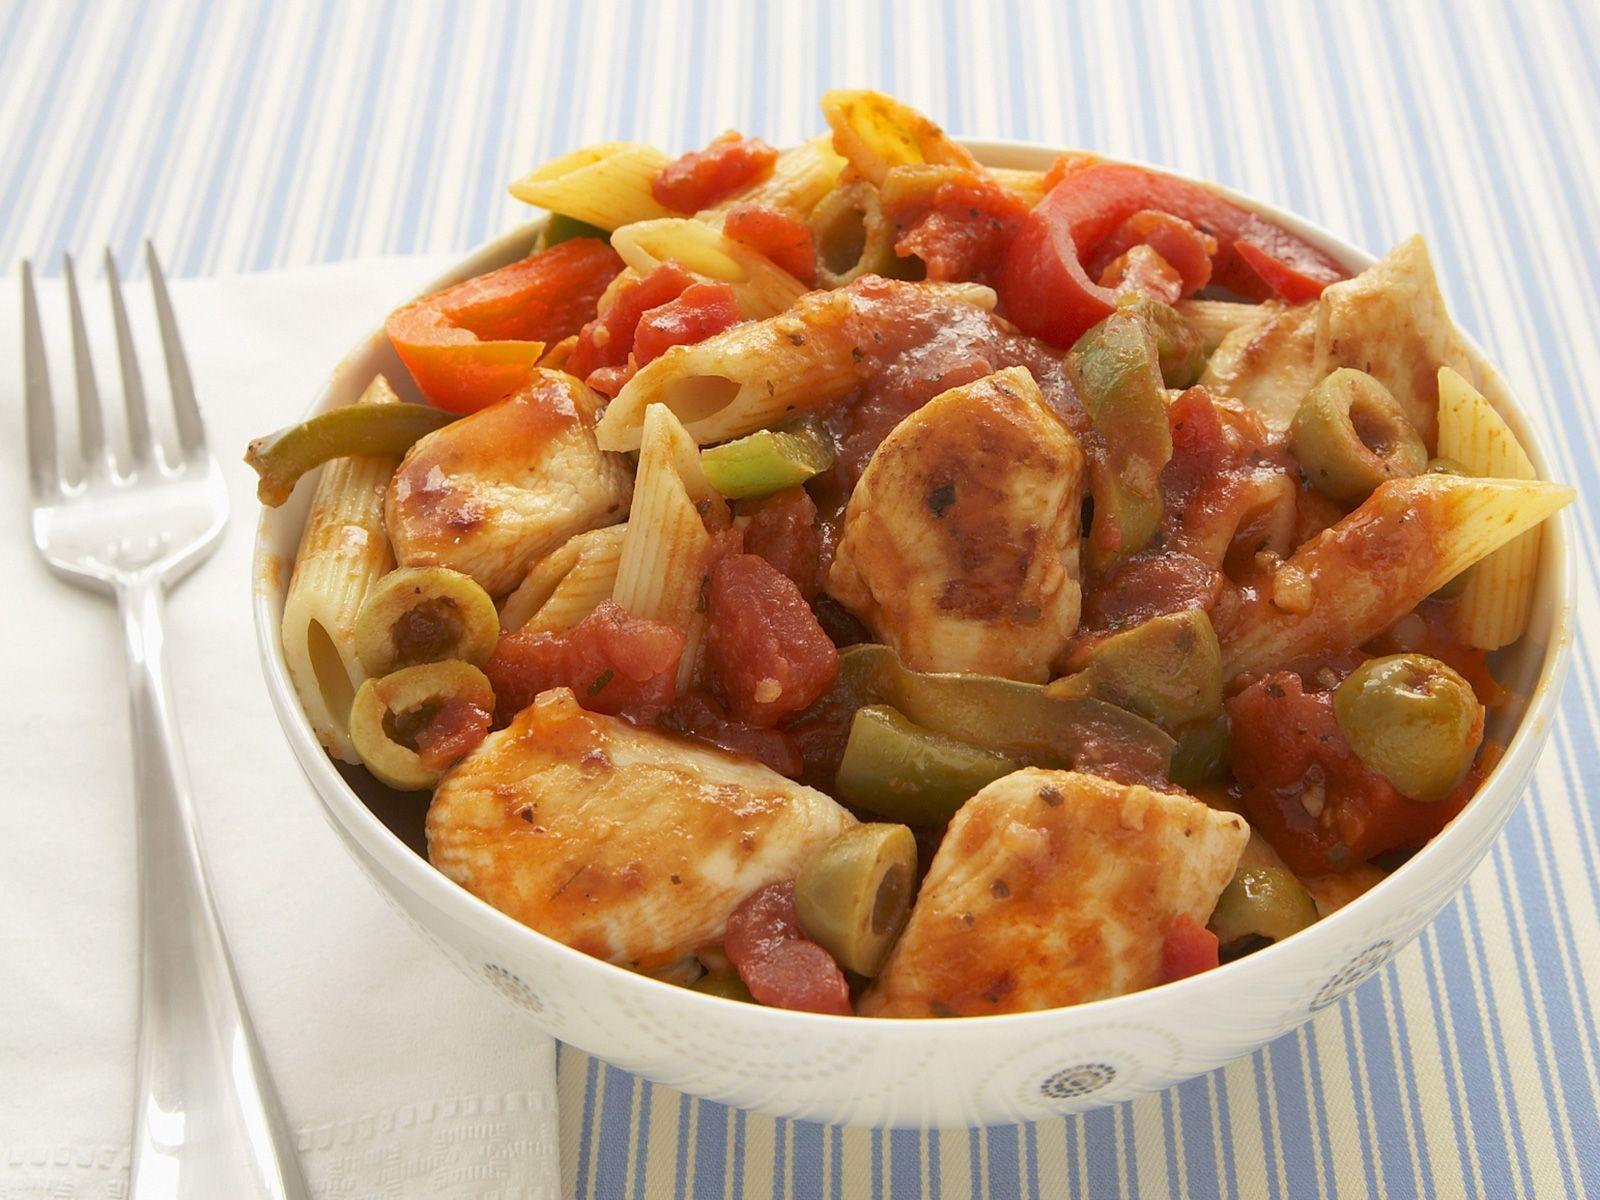 Ganz und zu Extrem Nudeln mit Hähnchen-Tomaten-Soße und Paprika Rezept   EAT SMARTER @OQ_93